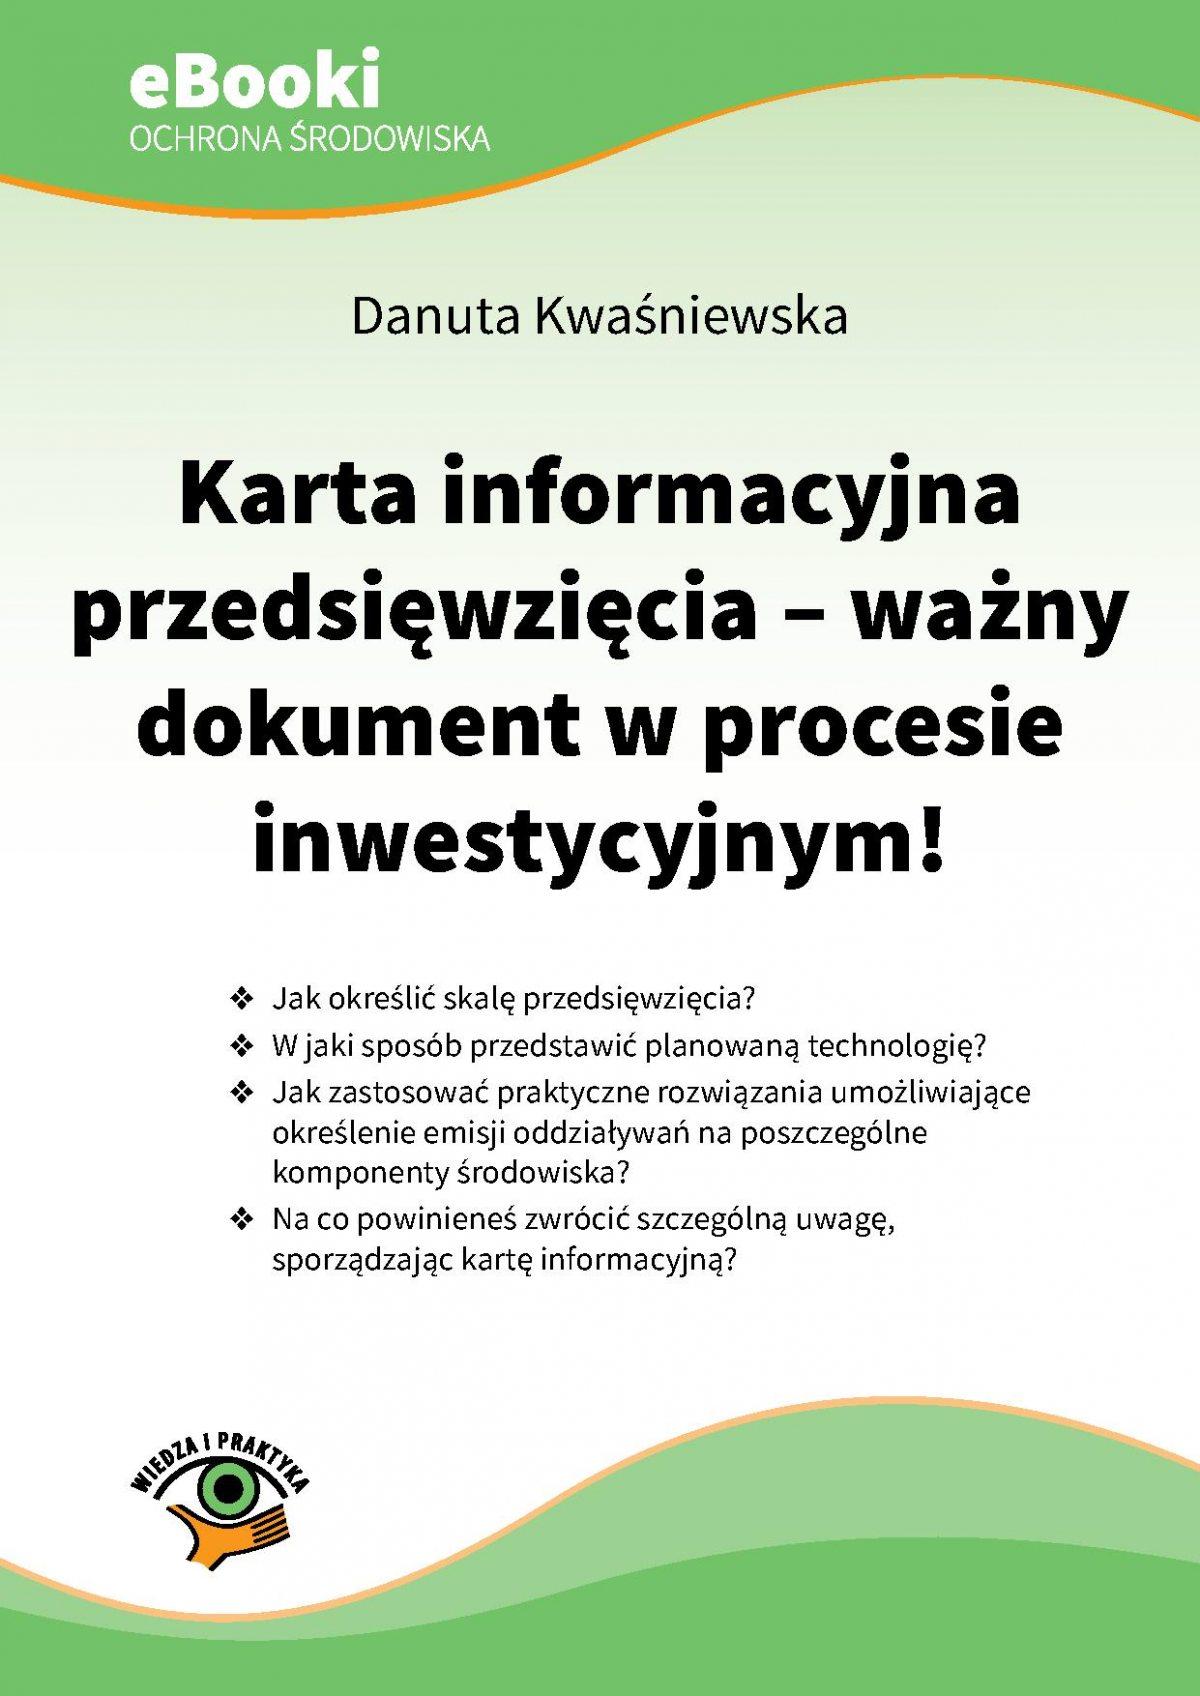 Karta informacyjna przedsięwzięcia - ważny dokument w procesie inwestycyjnym - Ebook (Książka PDF) do pobrania w formacie PDF